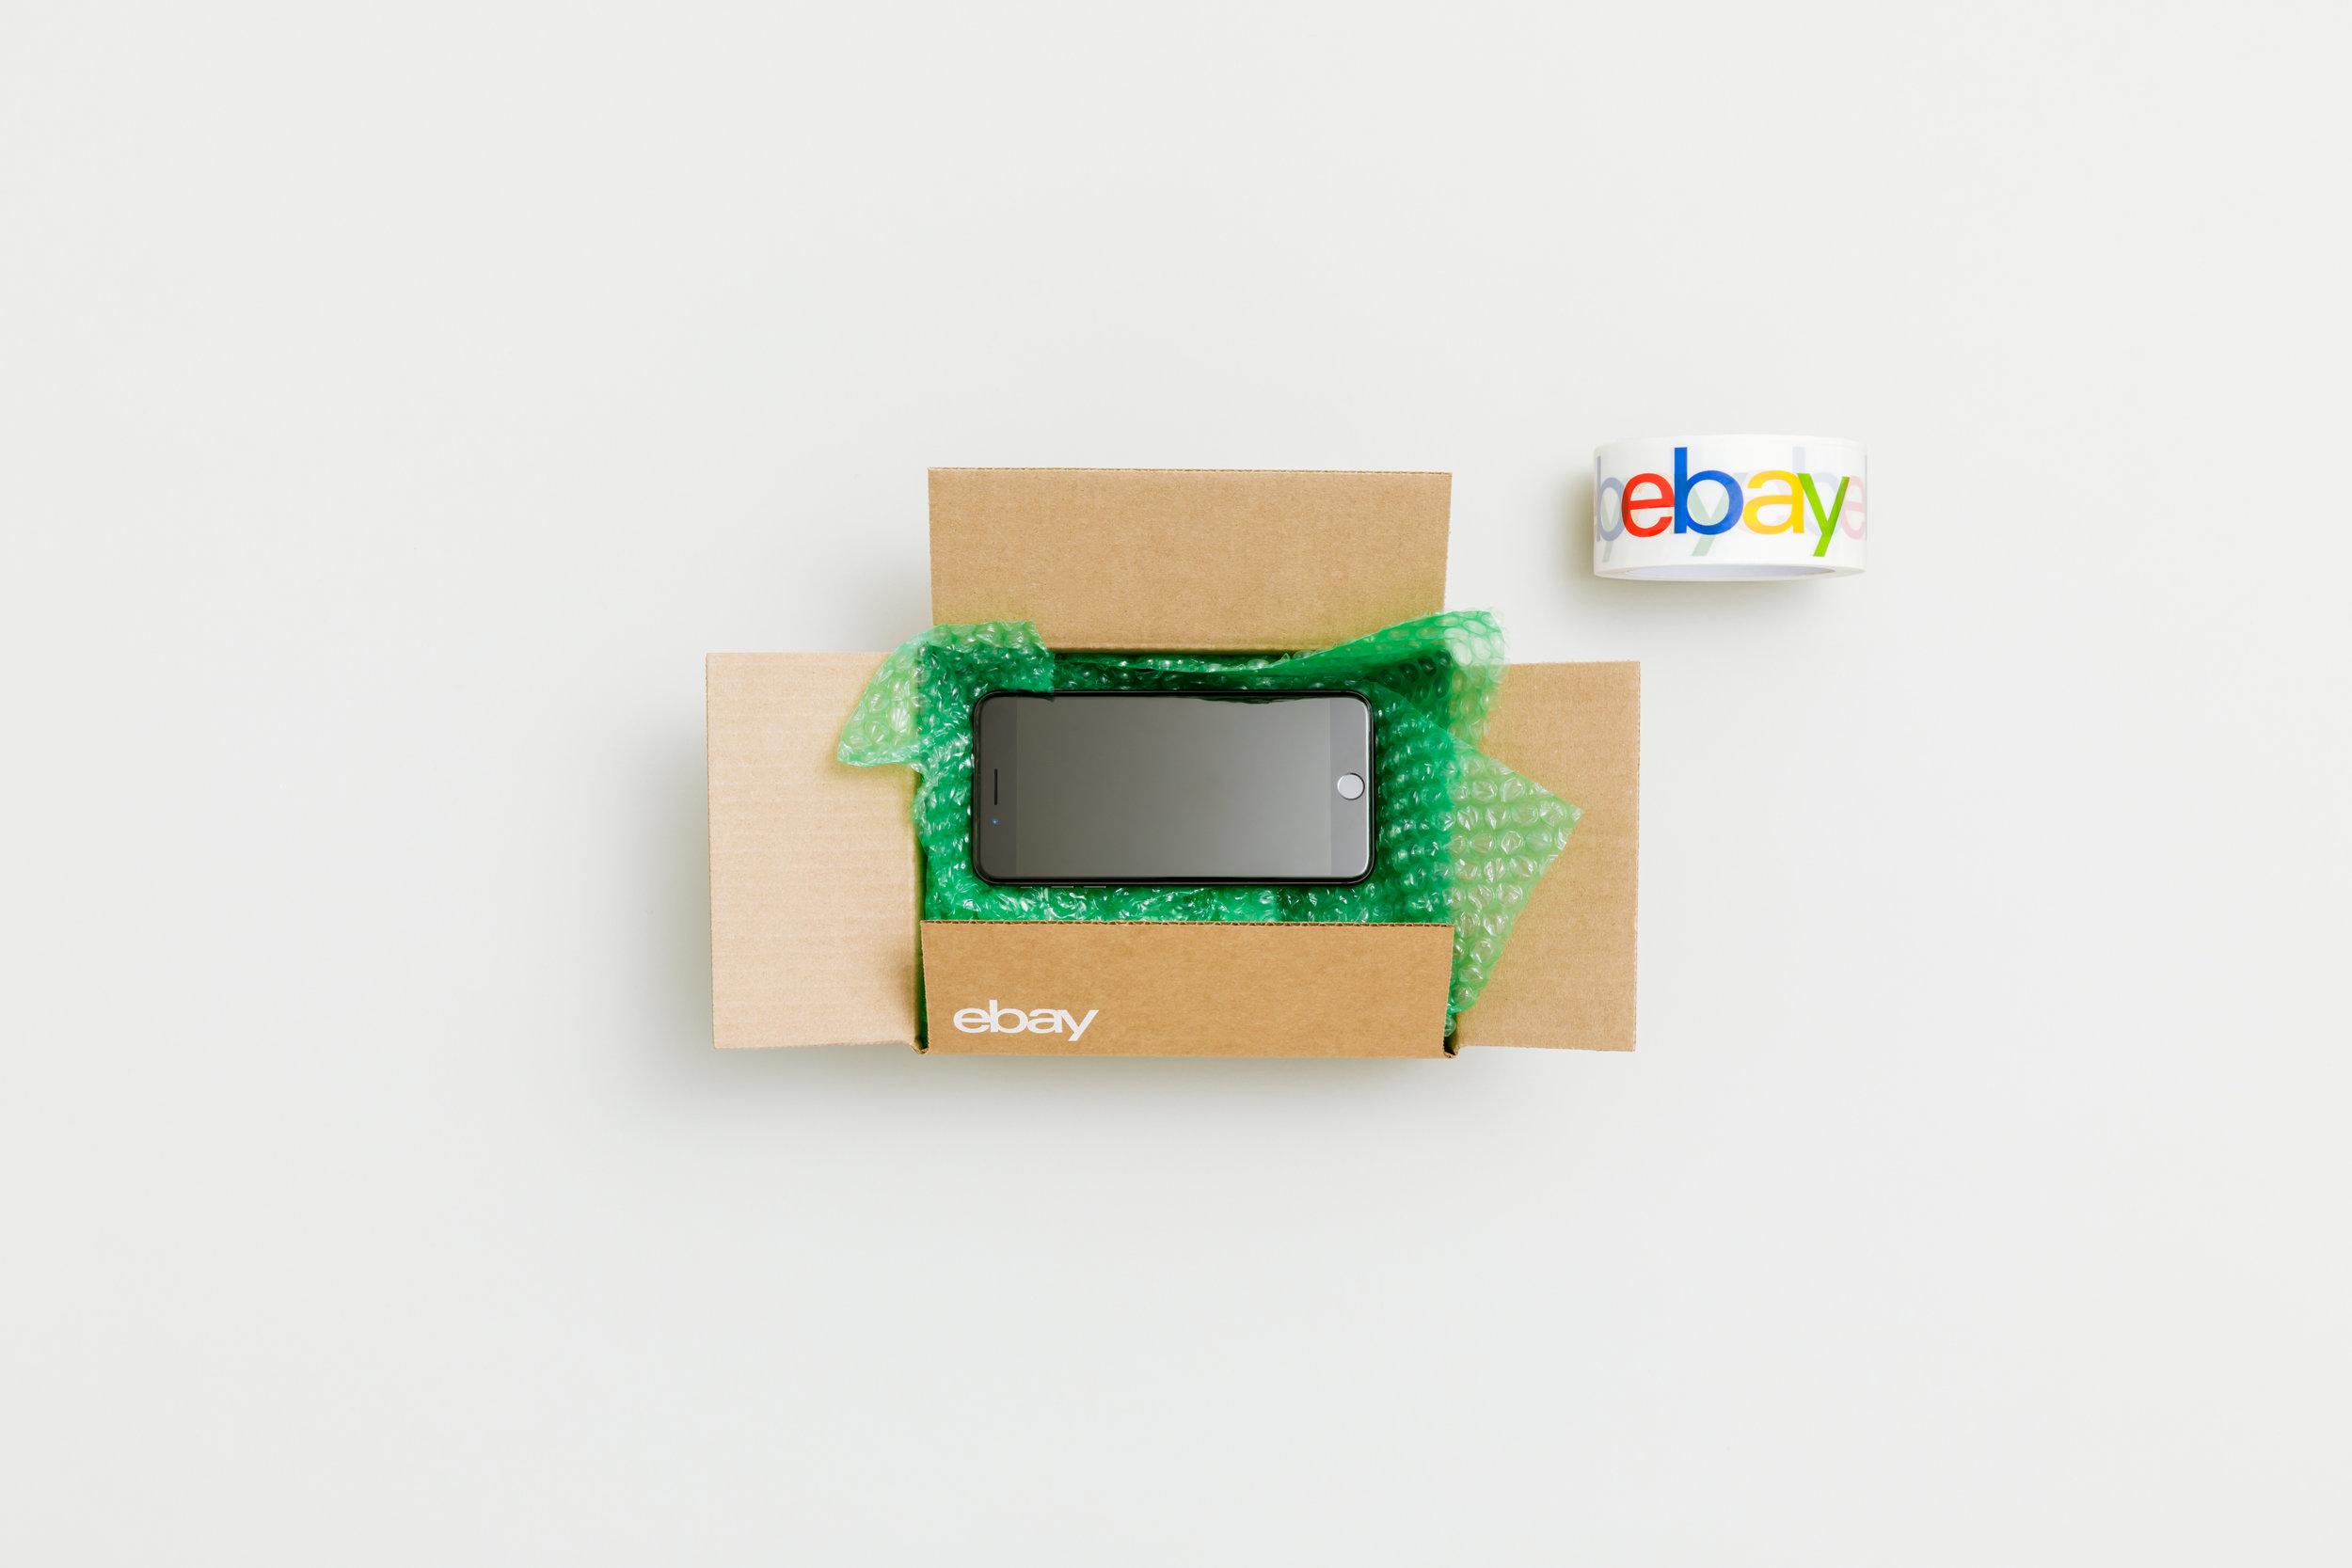 0317_Spring_Seller_Shipping_2714-V03.jpg